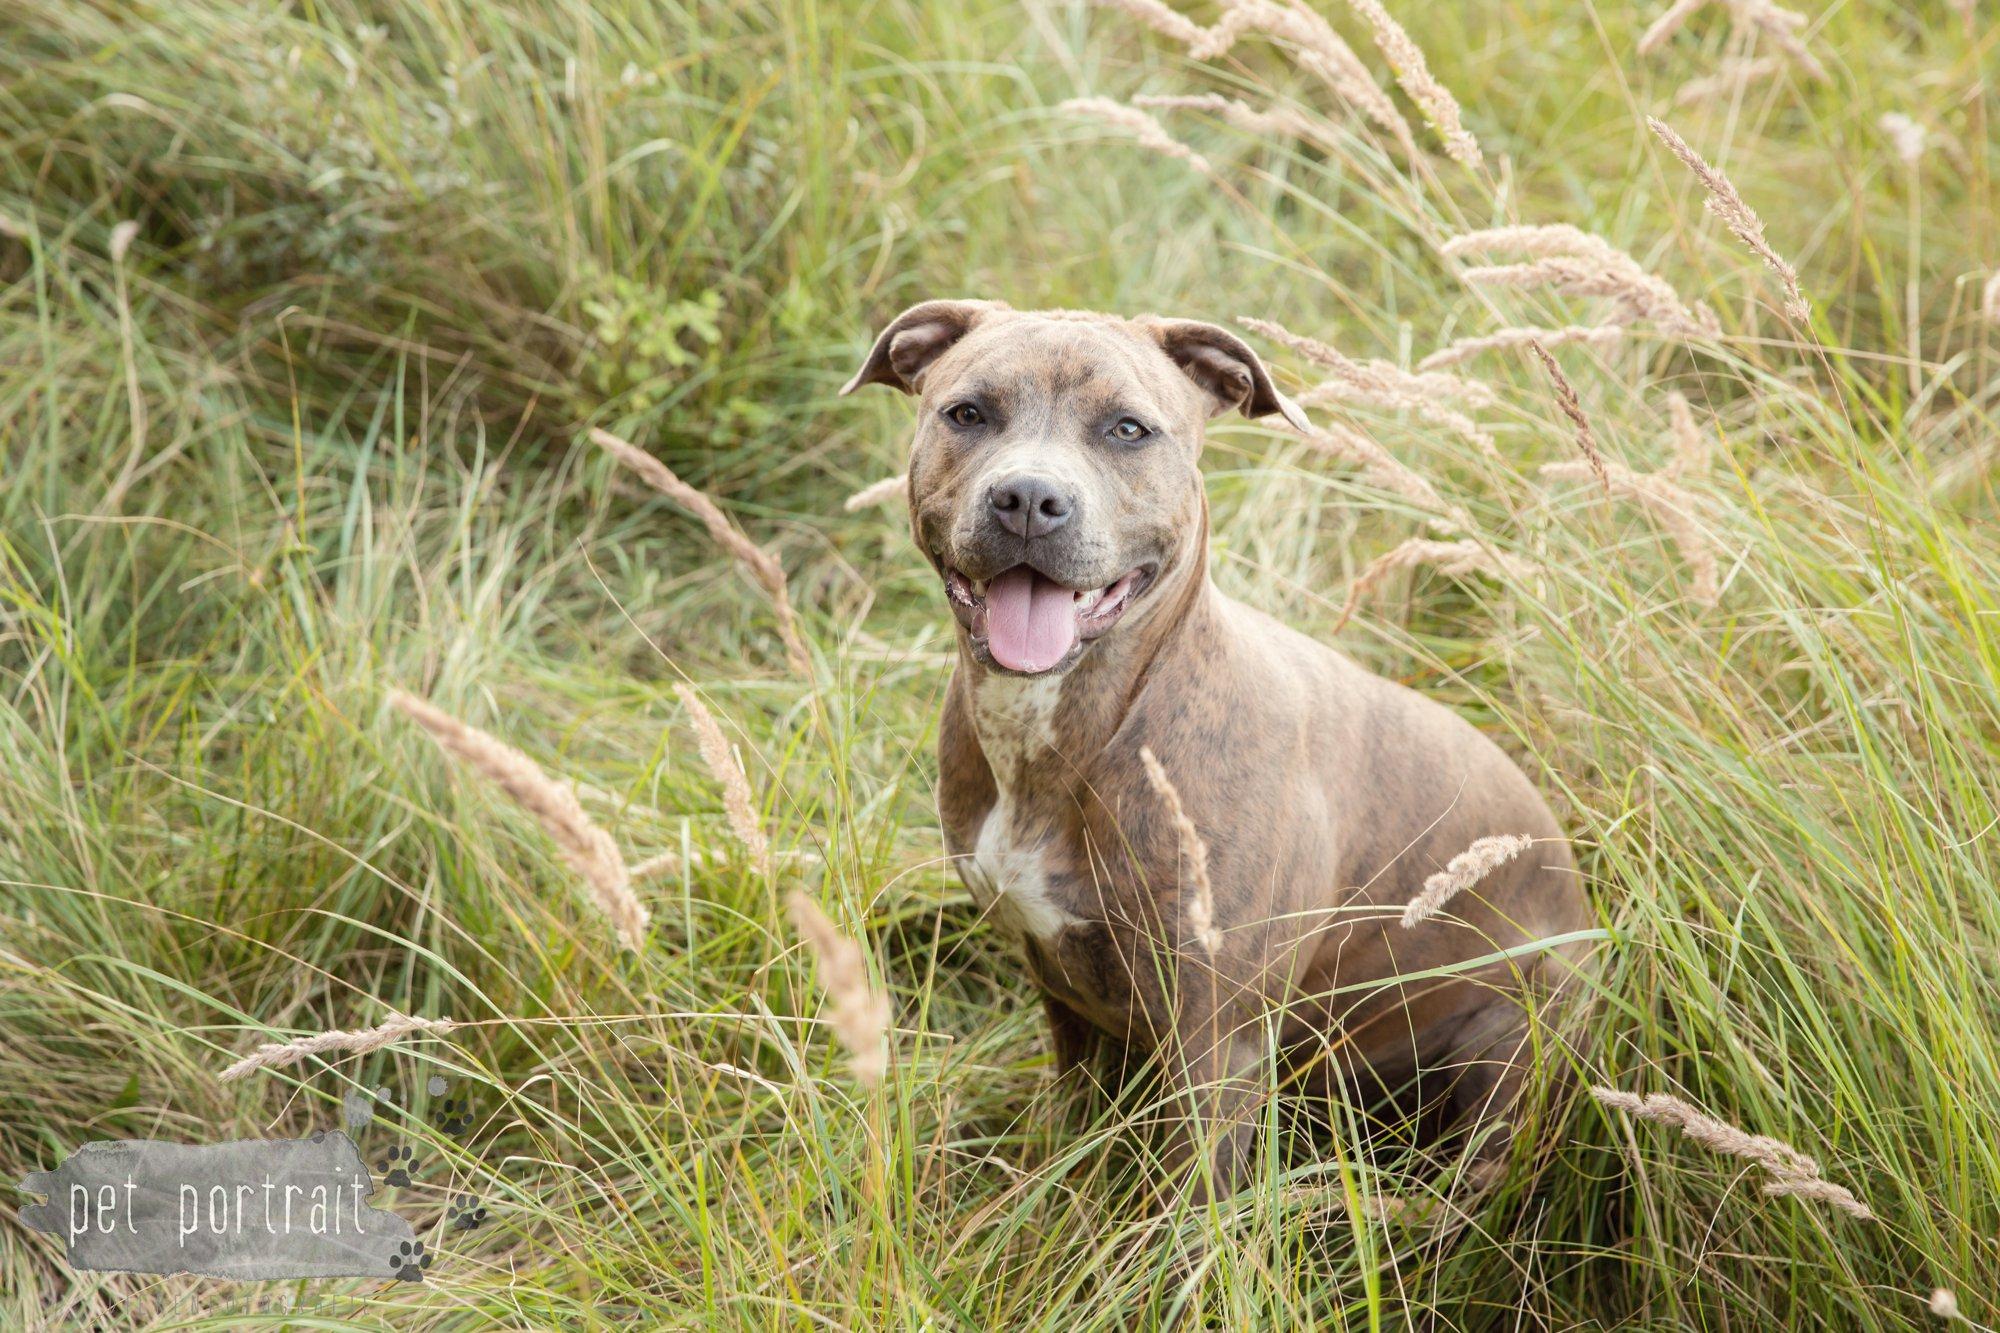 hondenfotograaf-noordwijkerhout-dier-en-baasje-fotoshoot-in-de-duinen-6